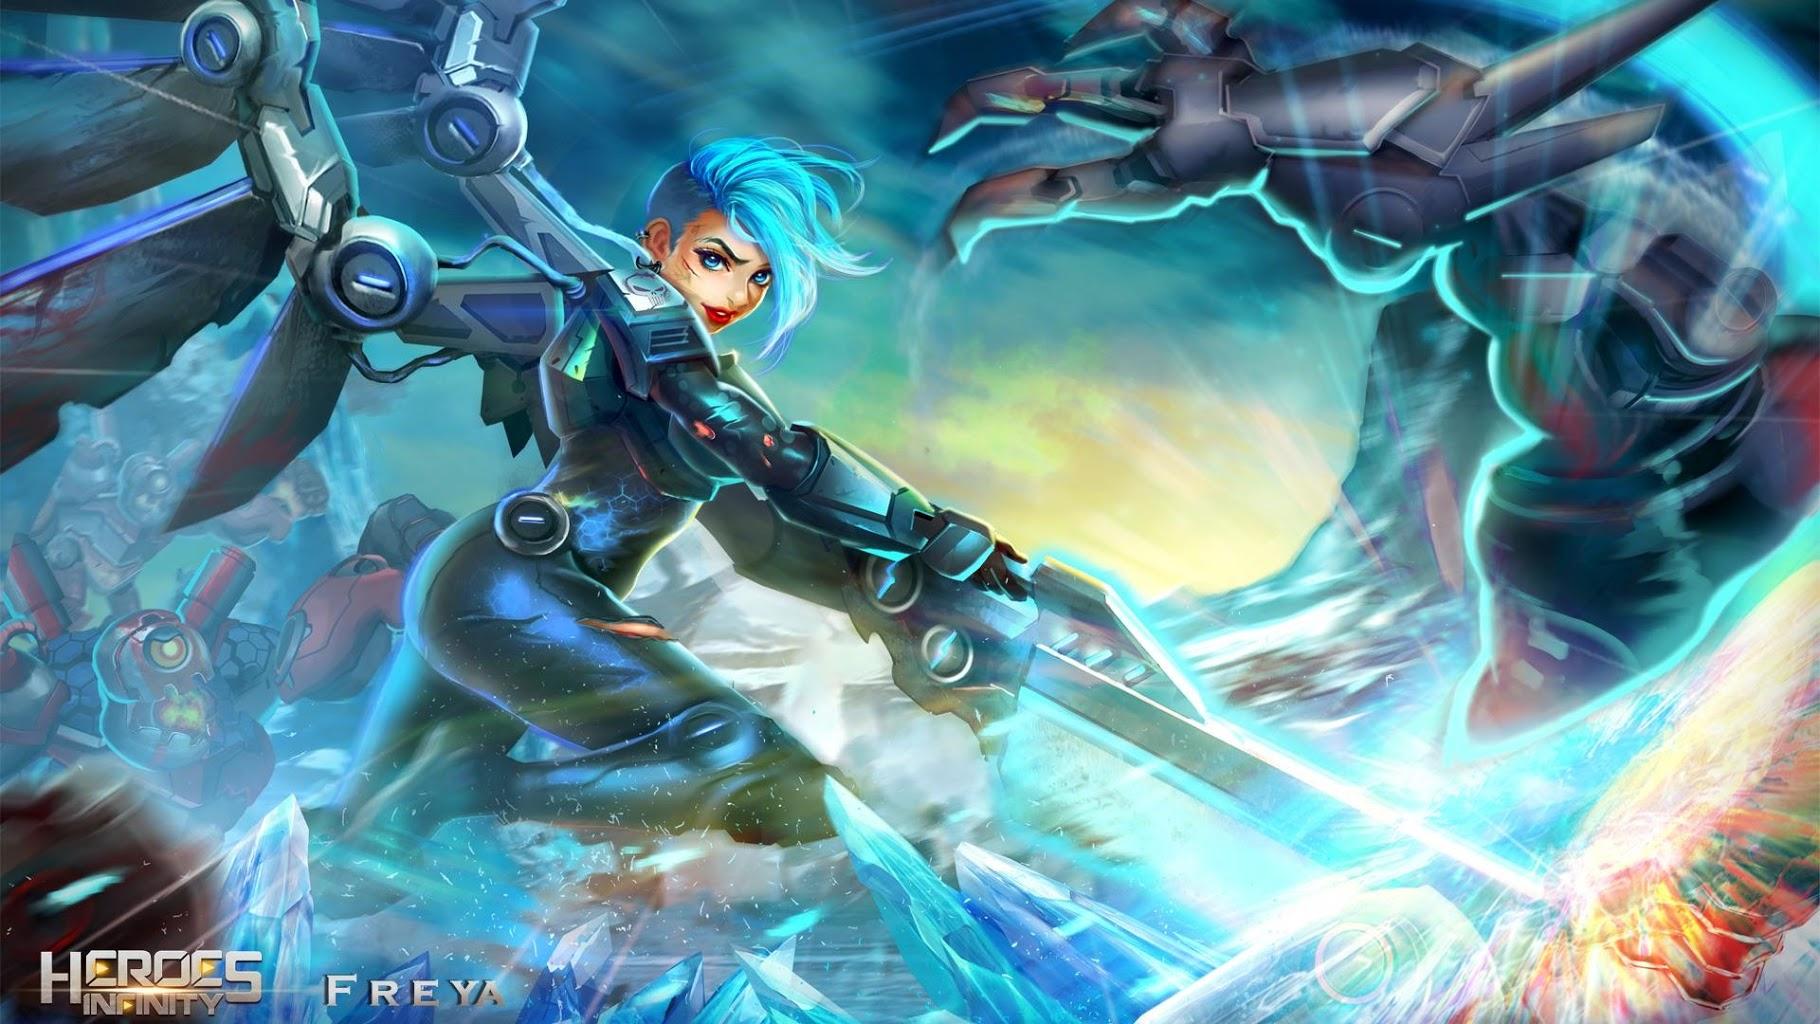 Download Heroes Infinity: Blade & Knight Online Offline RPG